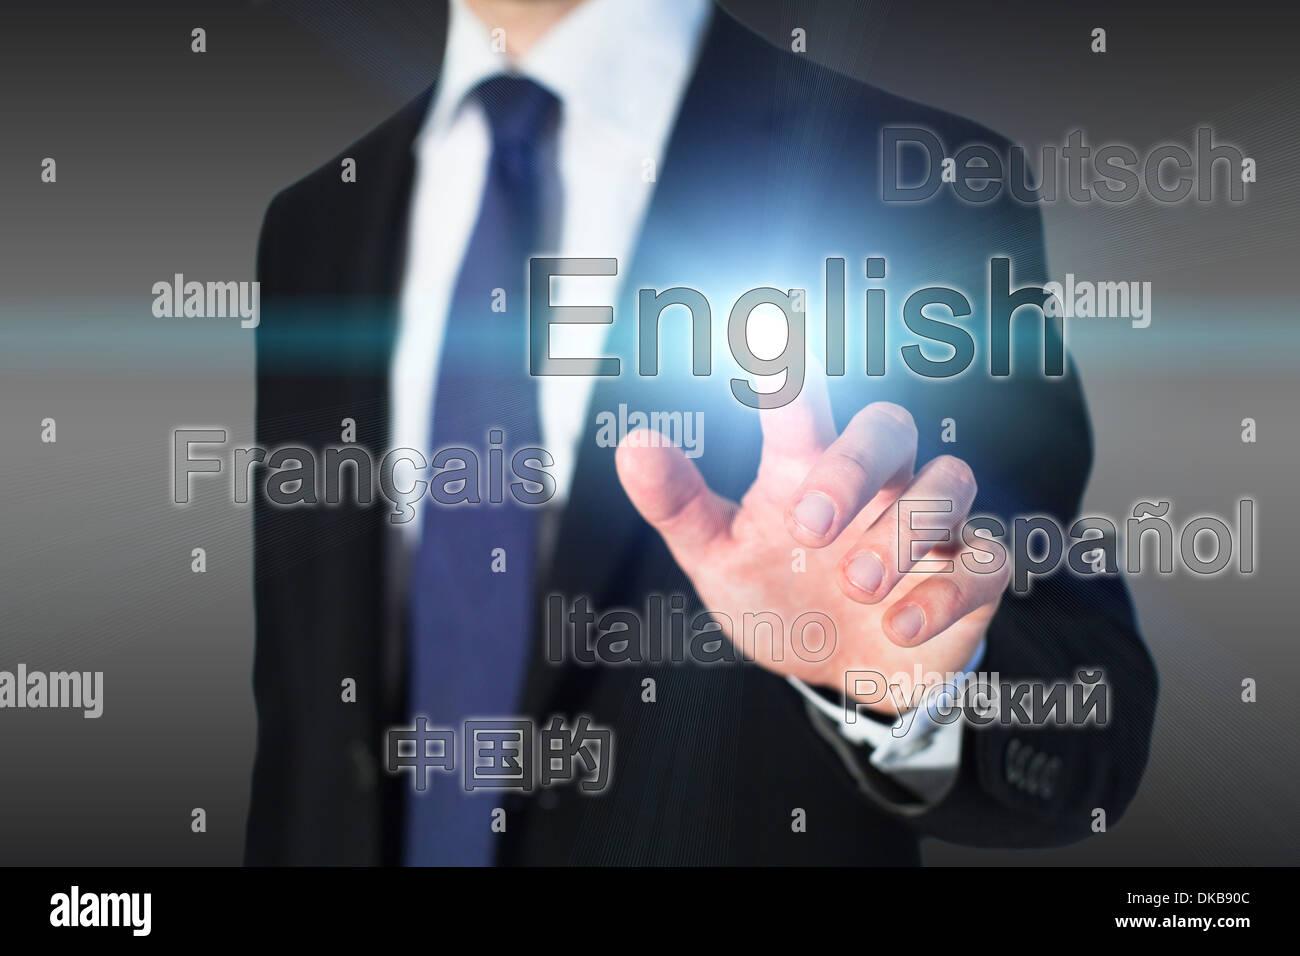 Englisch zu lernen, Sprache Schulkonzept Stockbild